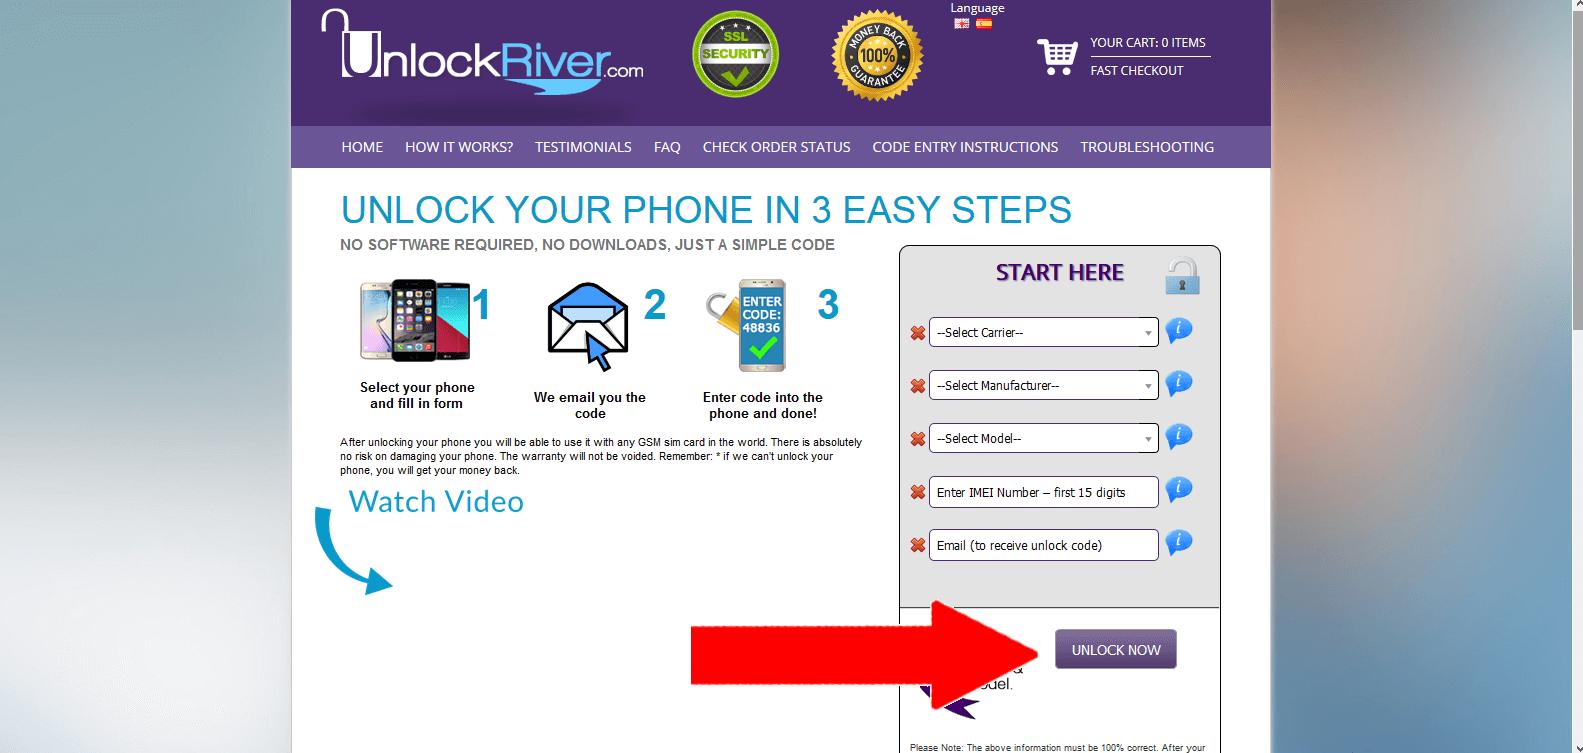 unlock-river-main-page